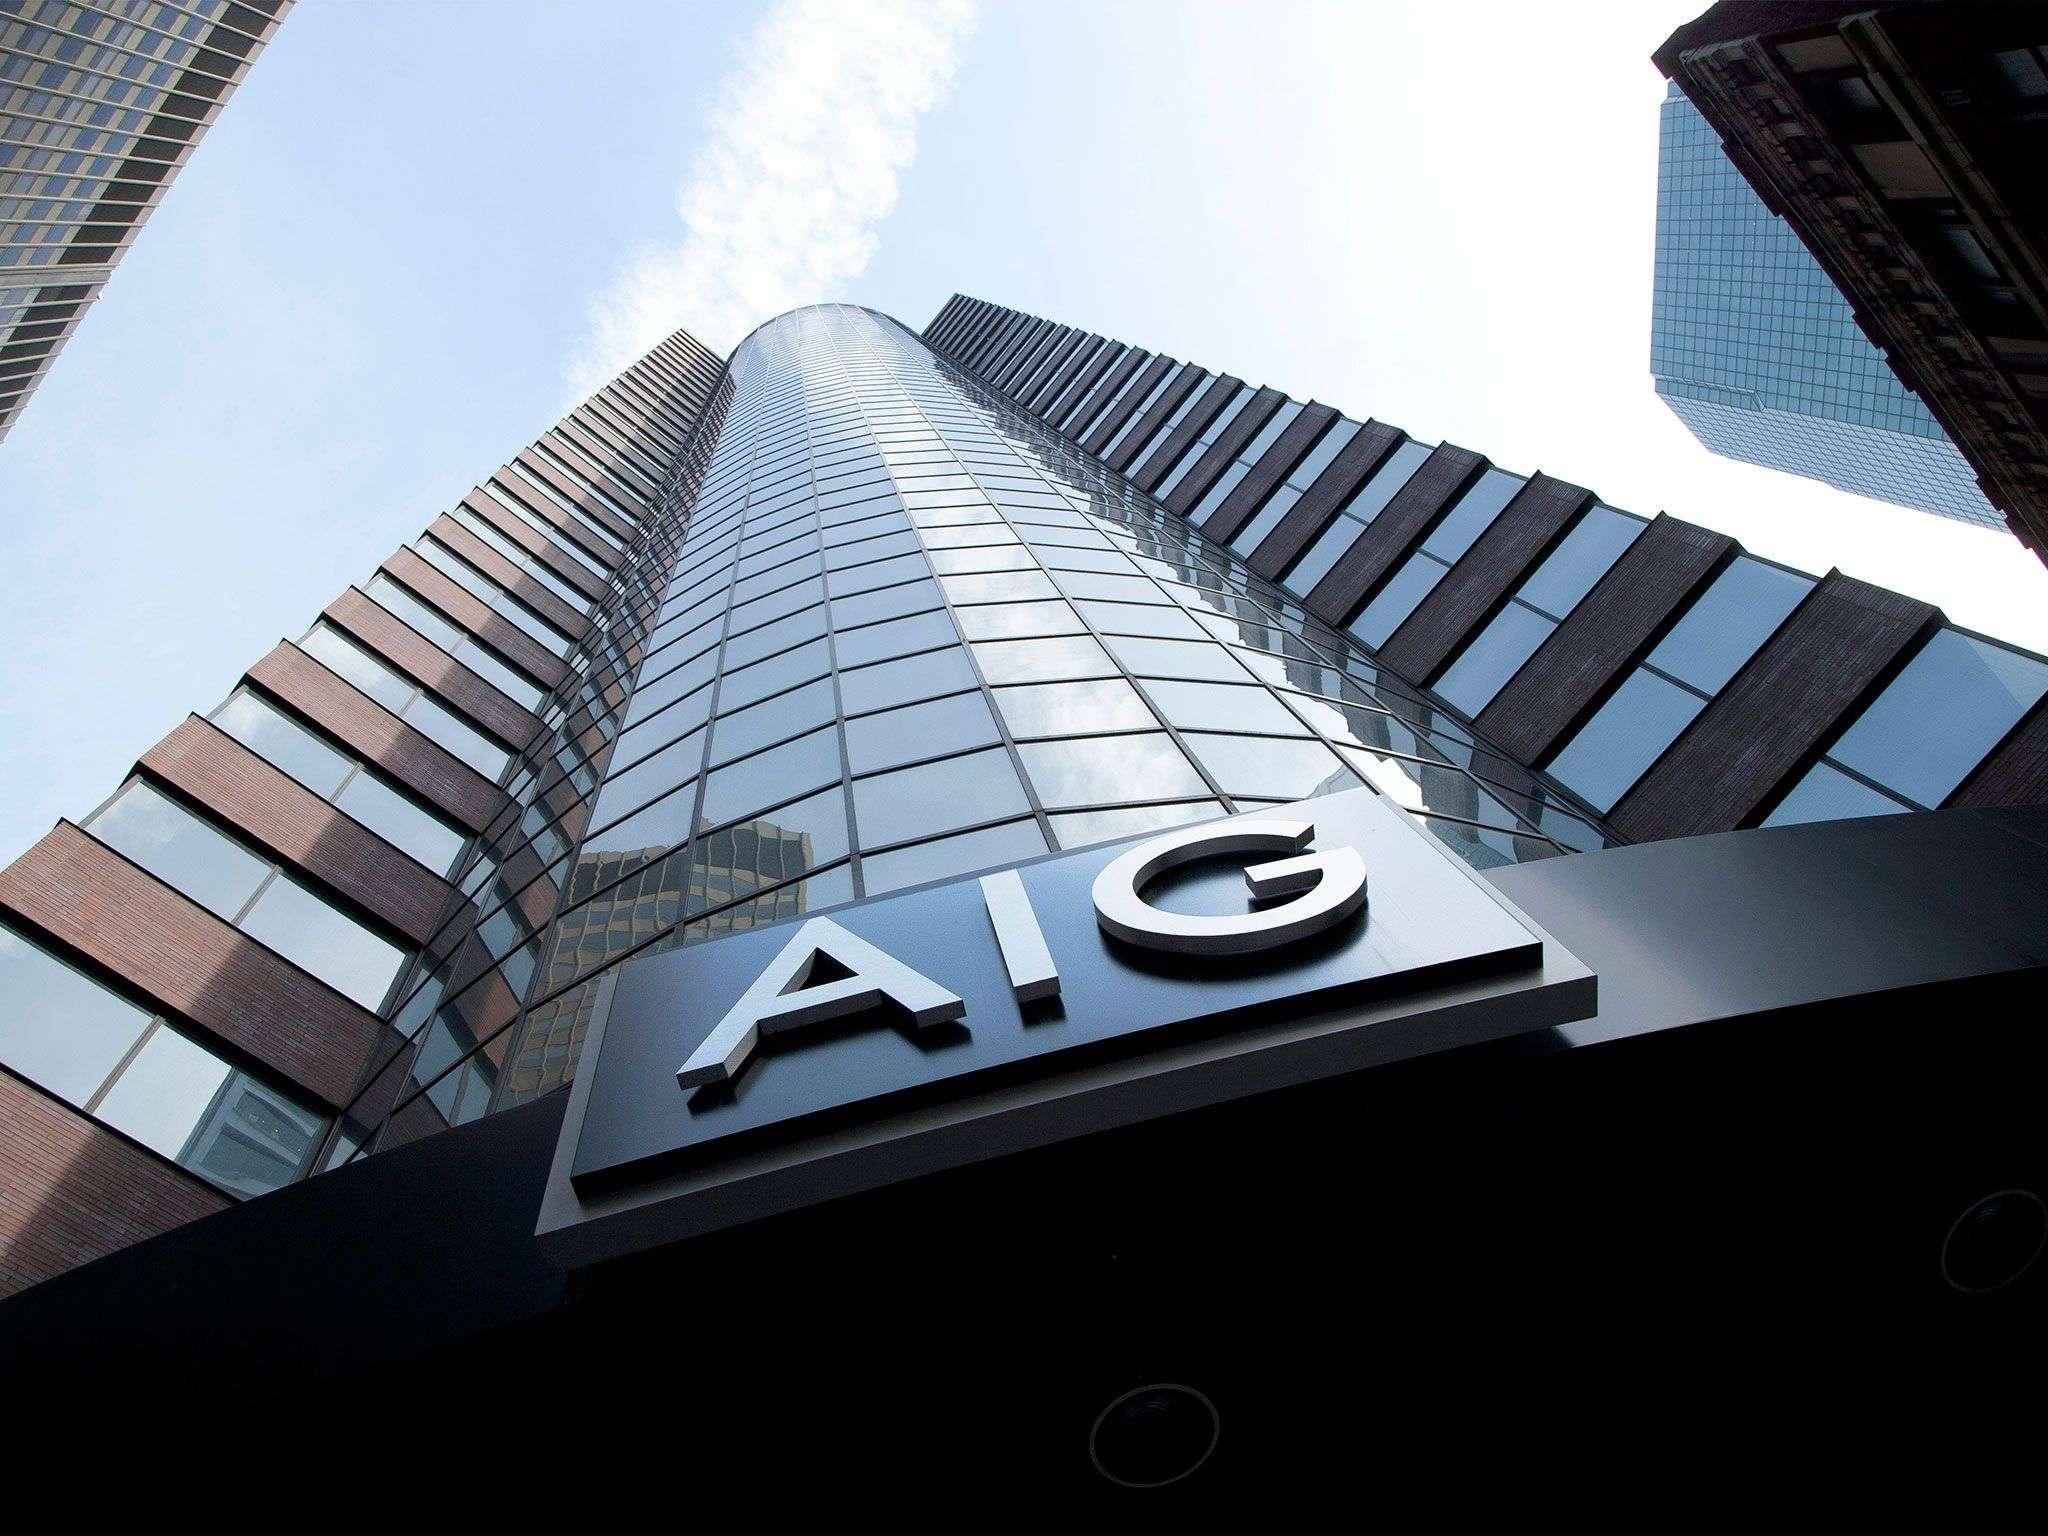 Ο κολοσσός της AIG άρχισε να αντιμετωπίζει προβλήματα με επισφαλή δάνεια που είχε παραχωρήσει.